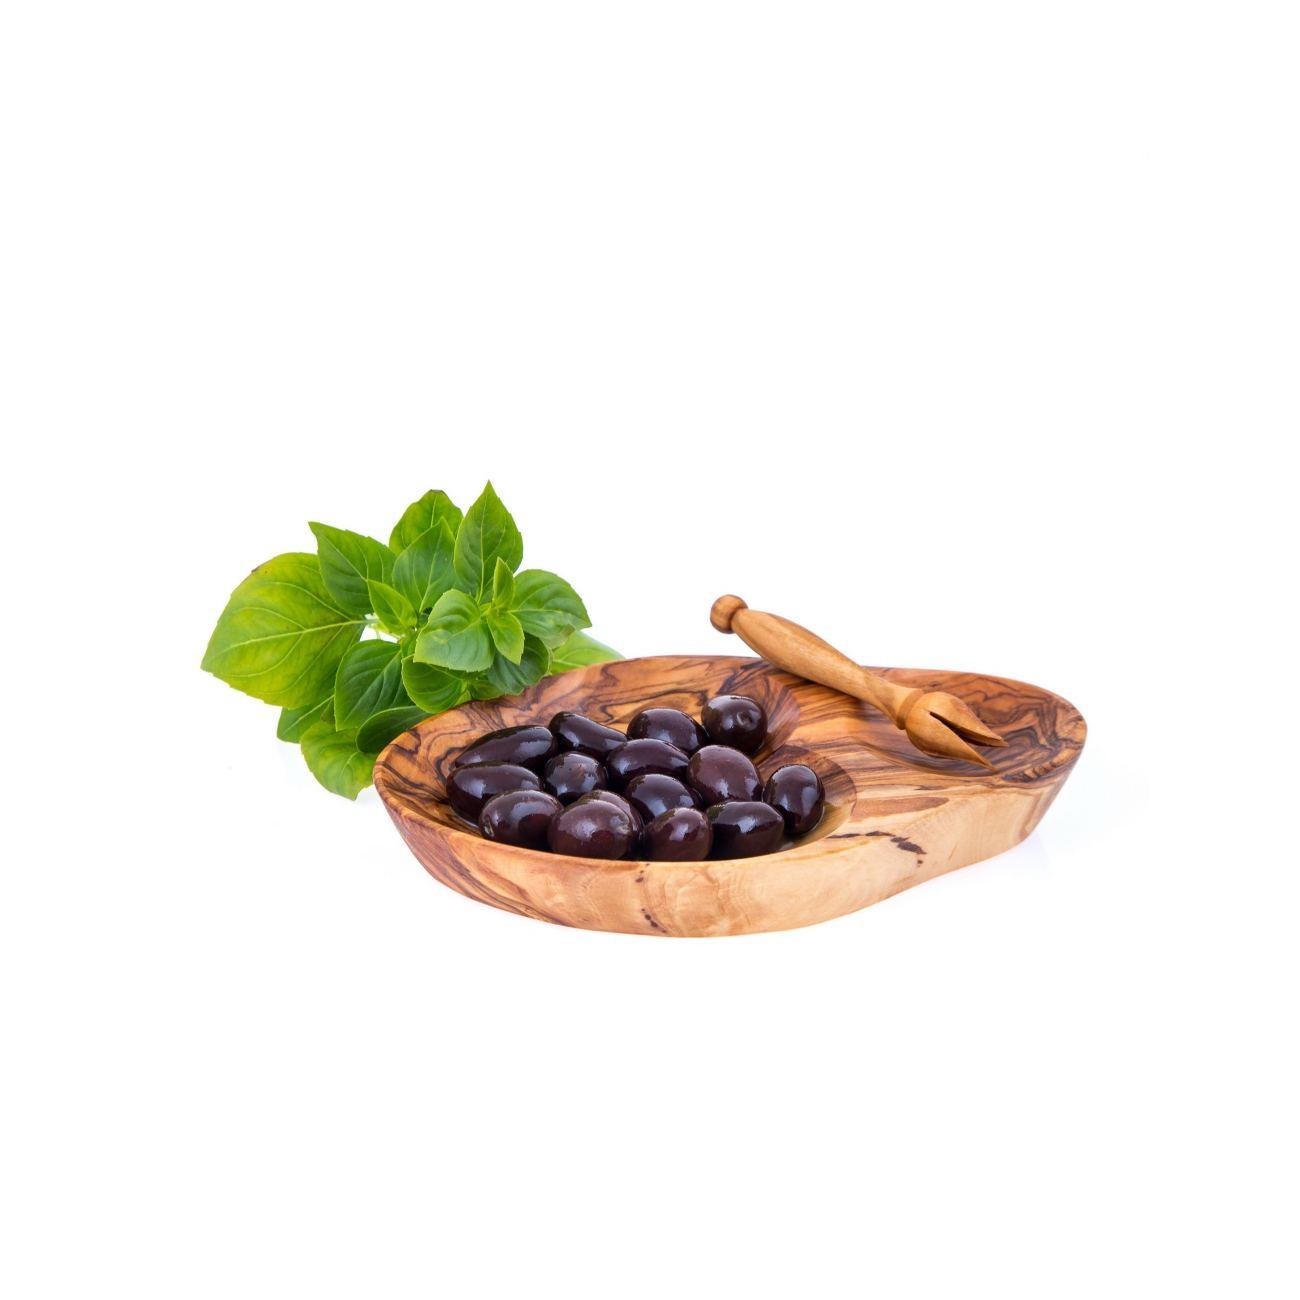 Olive Wood Serving Dish For Olives With Olive Fork